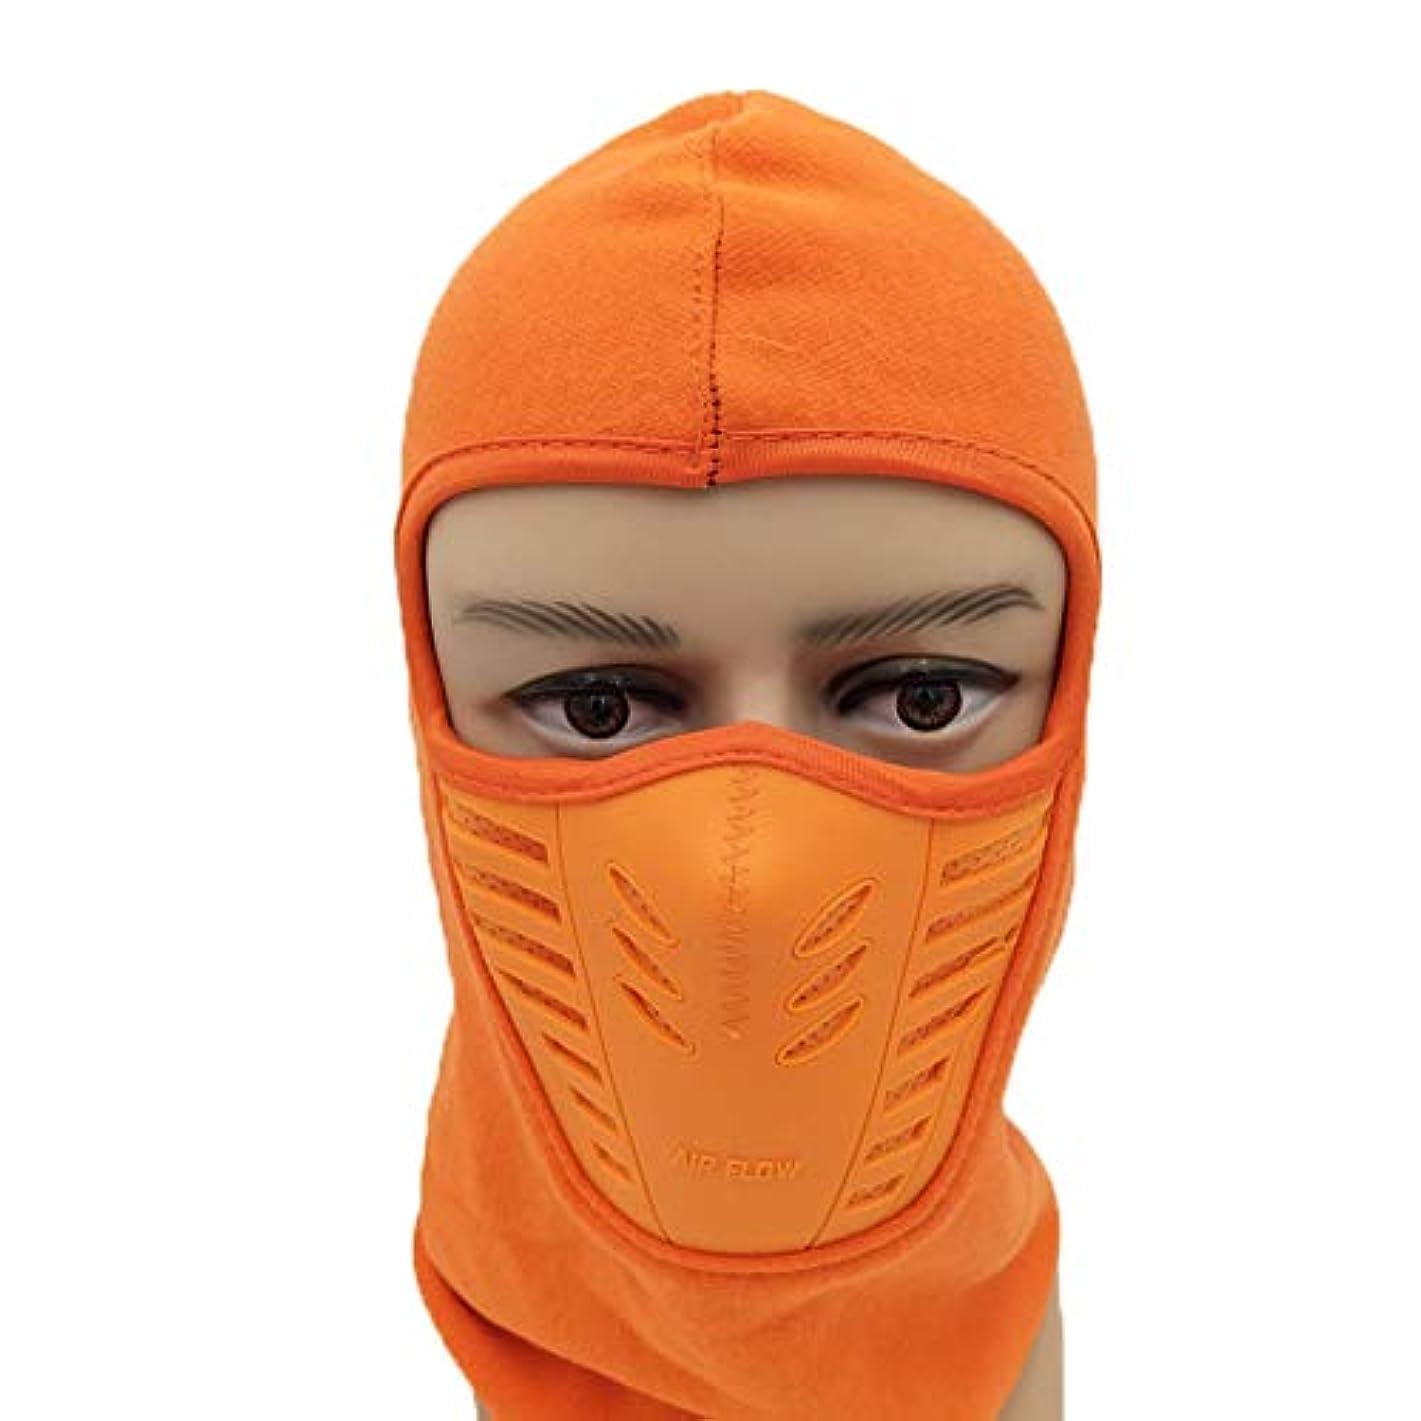 タブレット里親脅威CoolTack ウィンターフリースネックウォーマー、フェイスマスクカバー、厚手ロングネックガーターチューブ、ビーニーネックウォーマーフード、ウィンターアウトドアスポーツマスク防風フード帽子